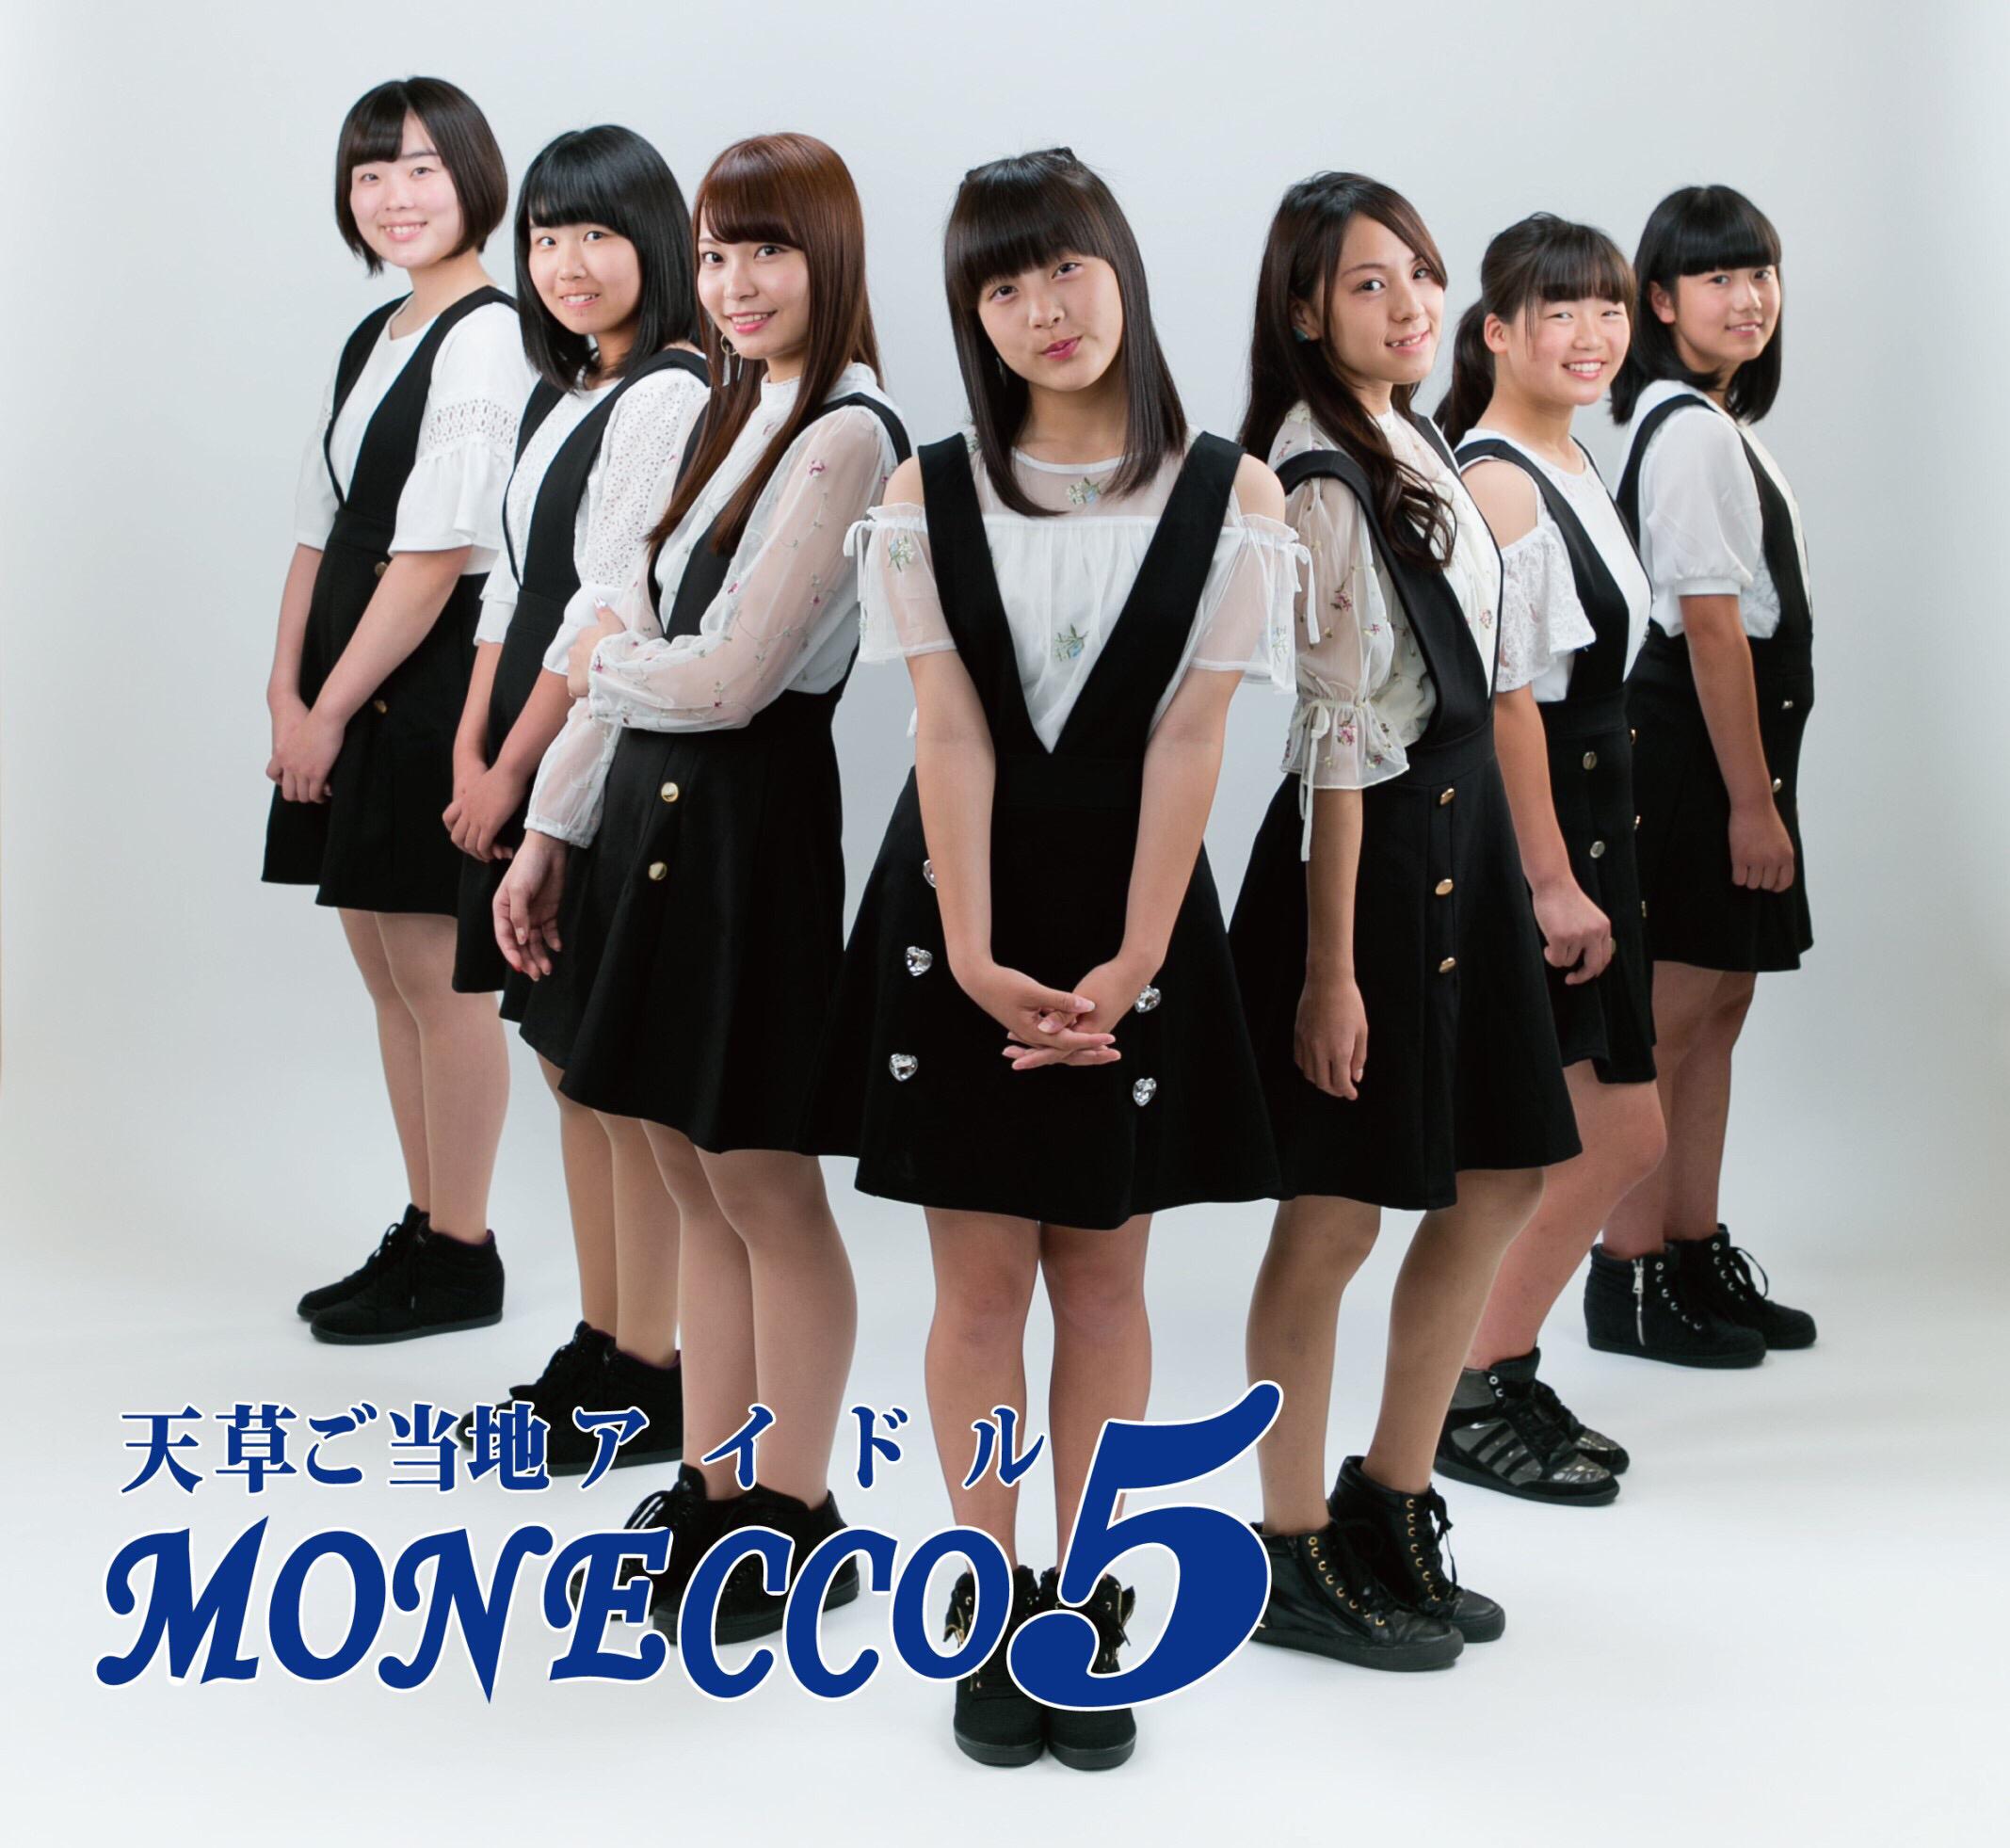 【#MMVR】天草からキセキノサキヘ monecco5の挑戦